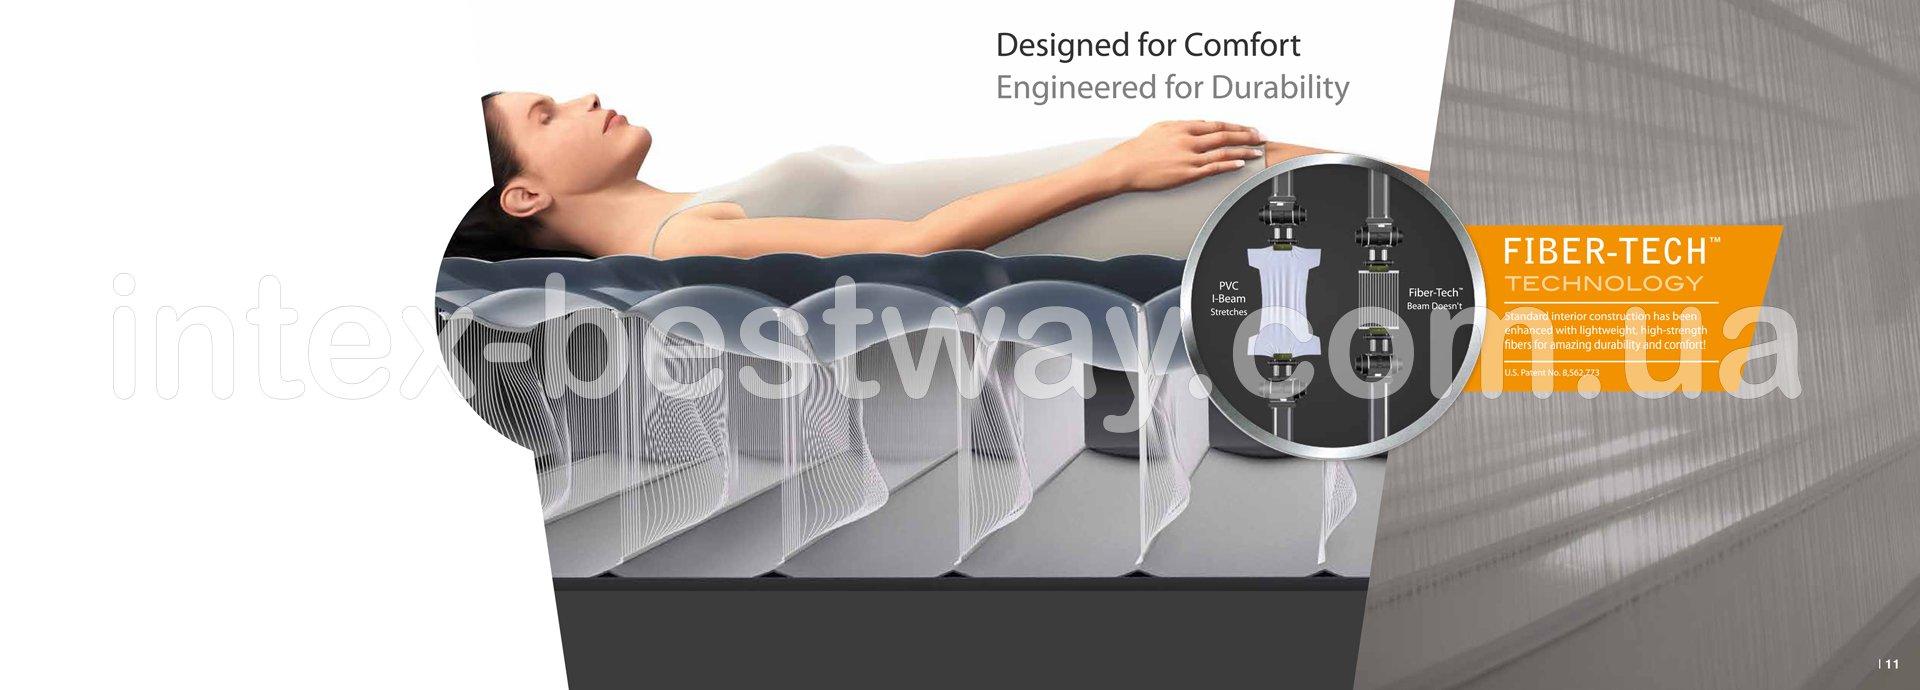 Технология Intex Fiber-Tech - Превосходная поддержка Вашего тела во время сна!